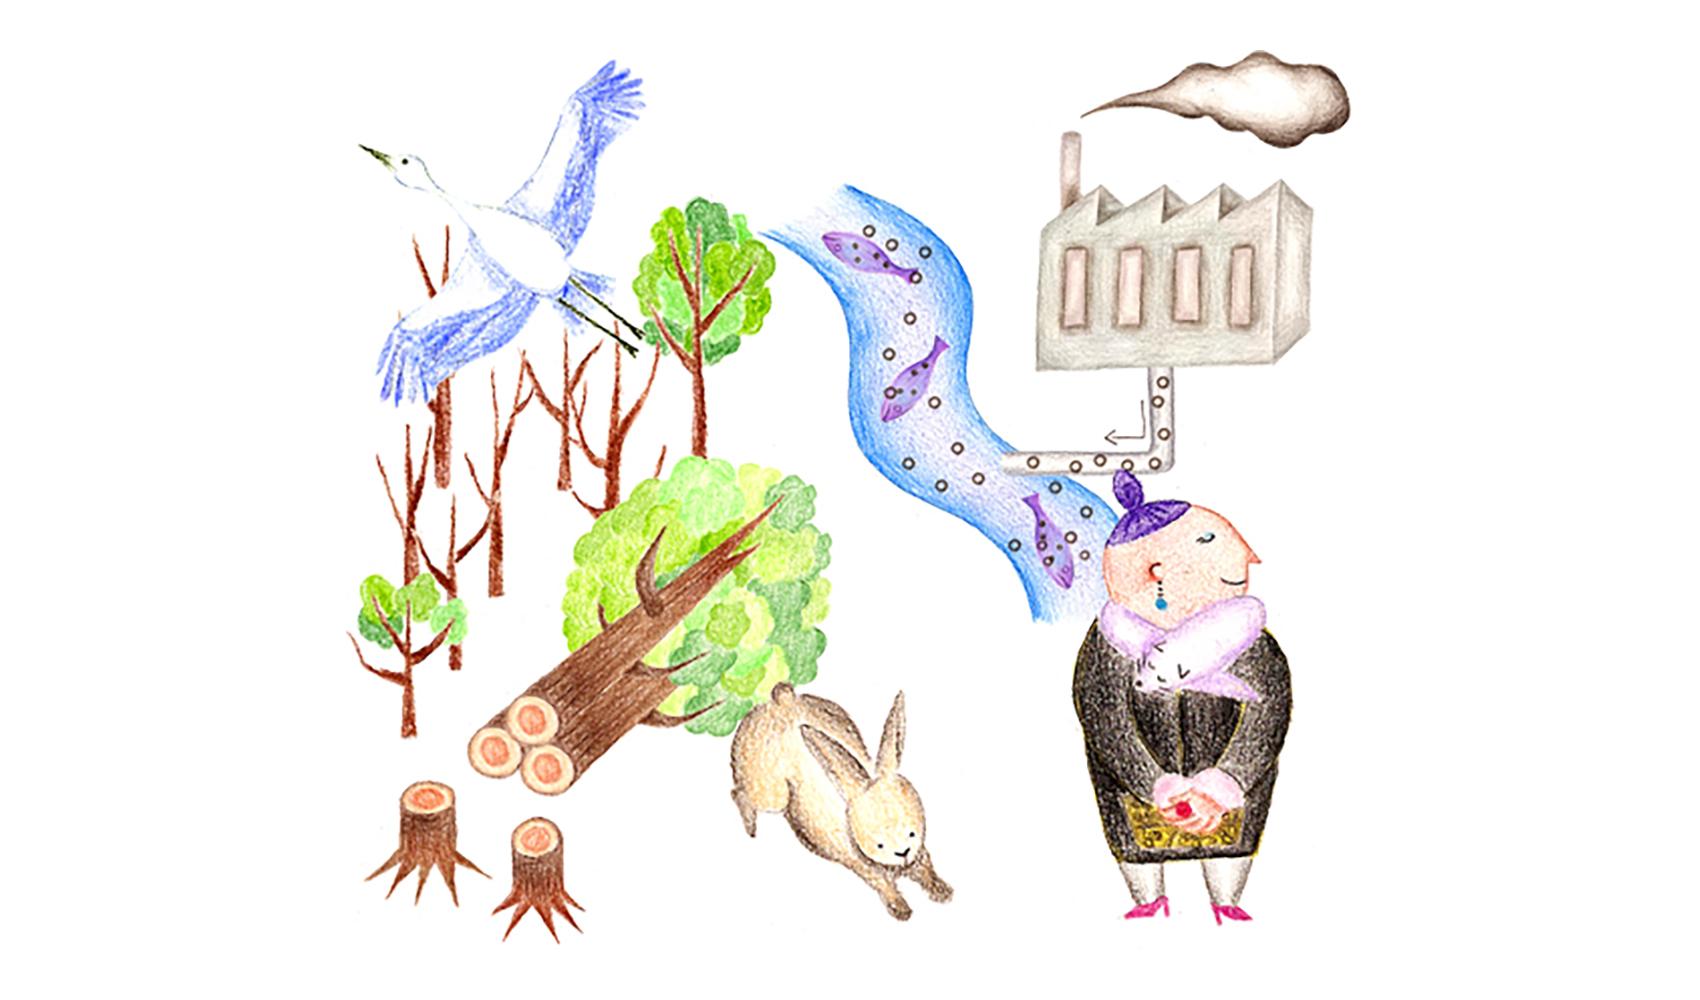 動物や植物がどんどん絶滅しているそうですが、なぜですか?